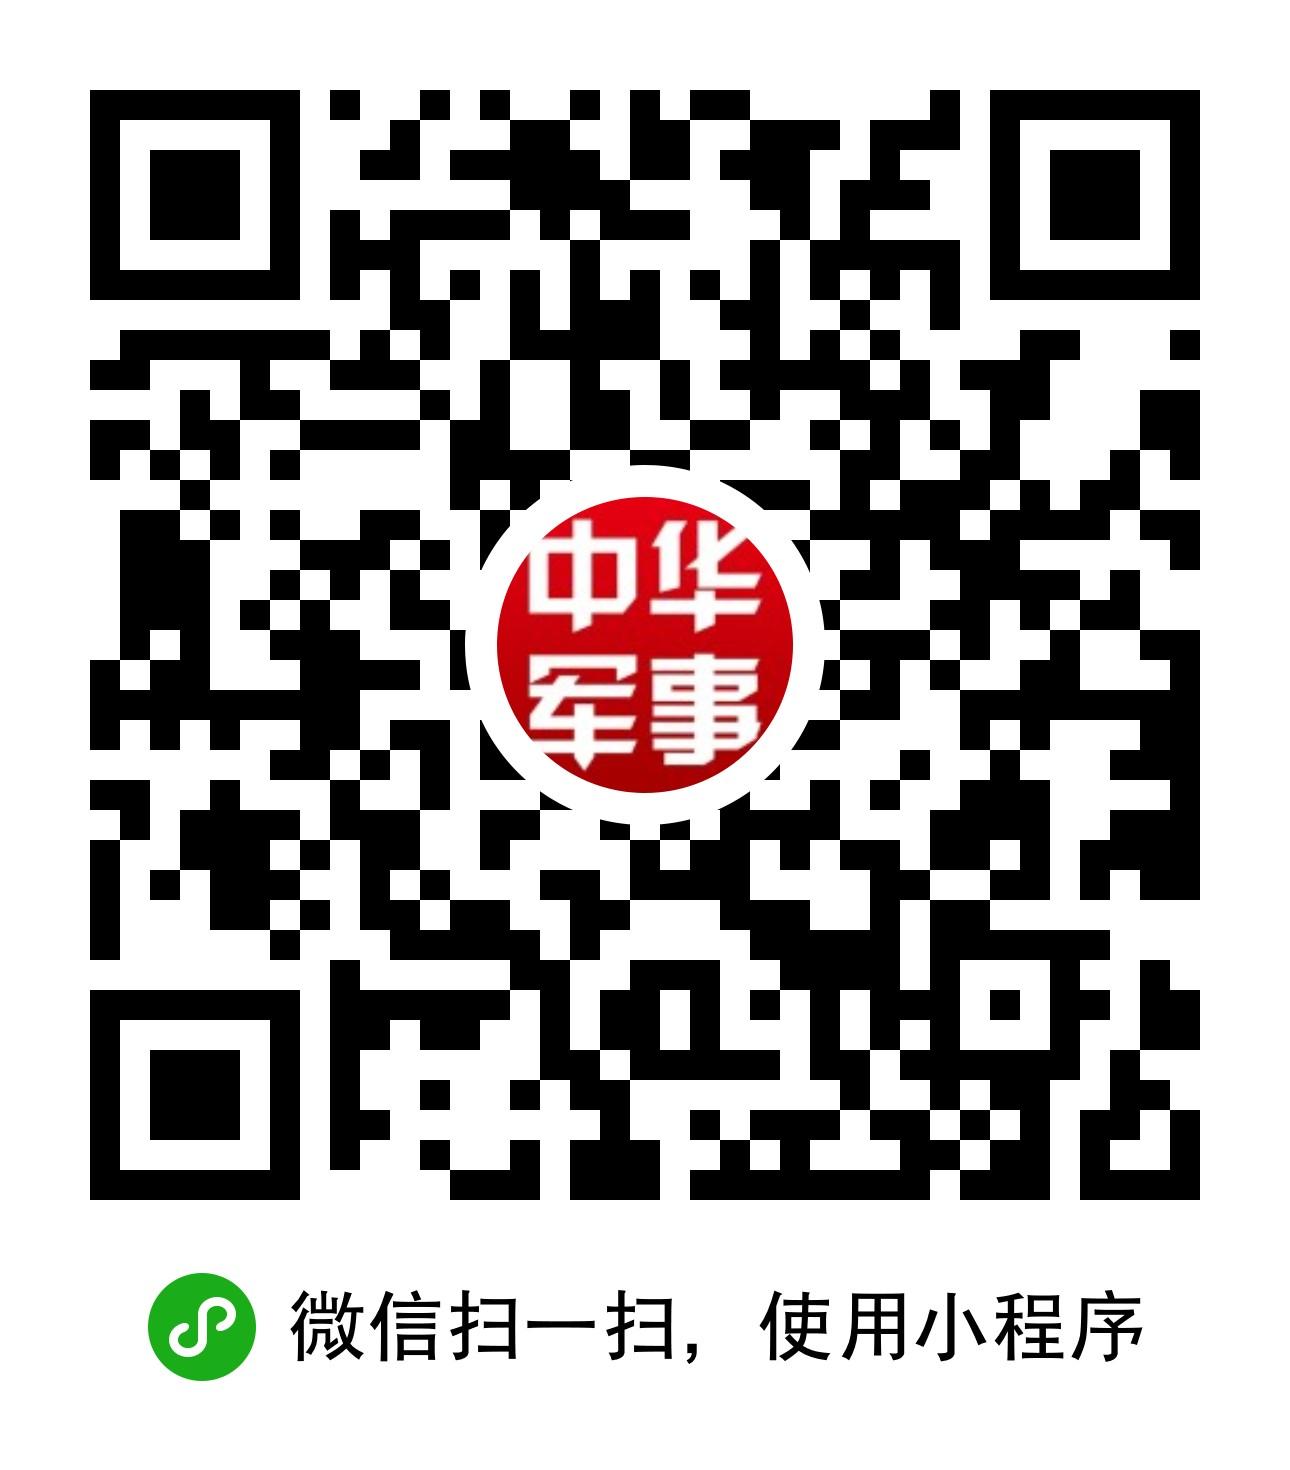 中华军事小程序二维码